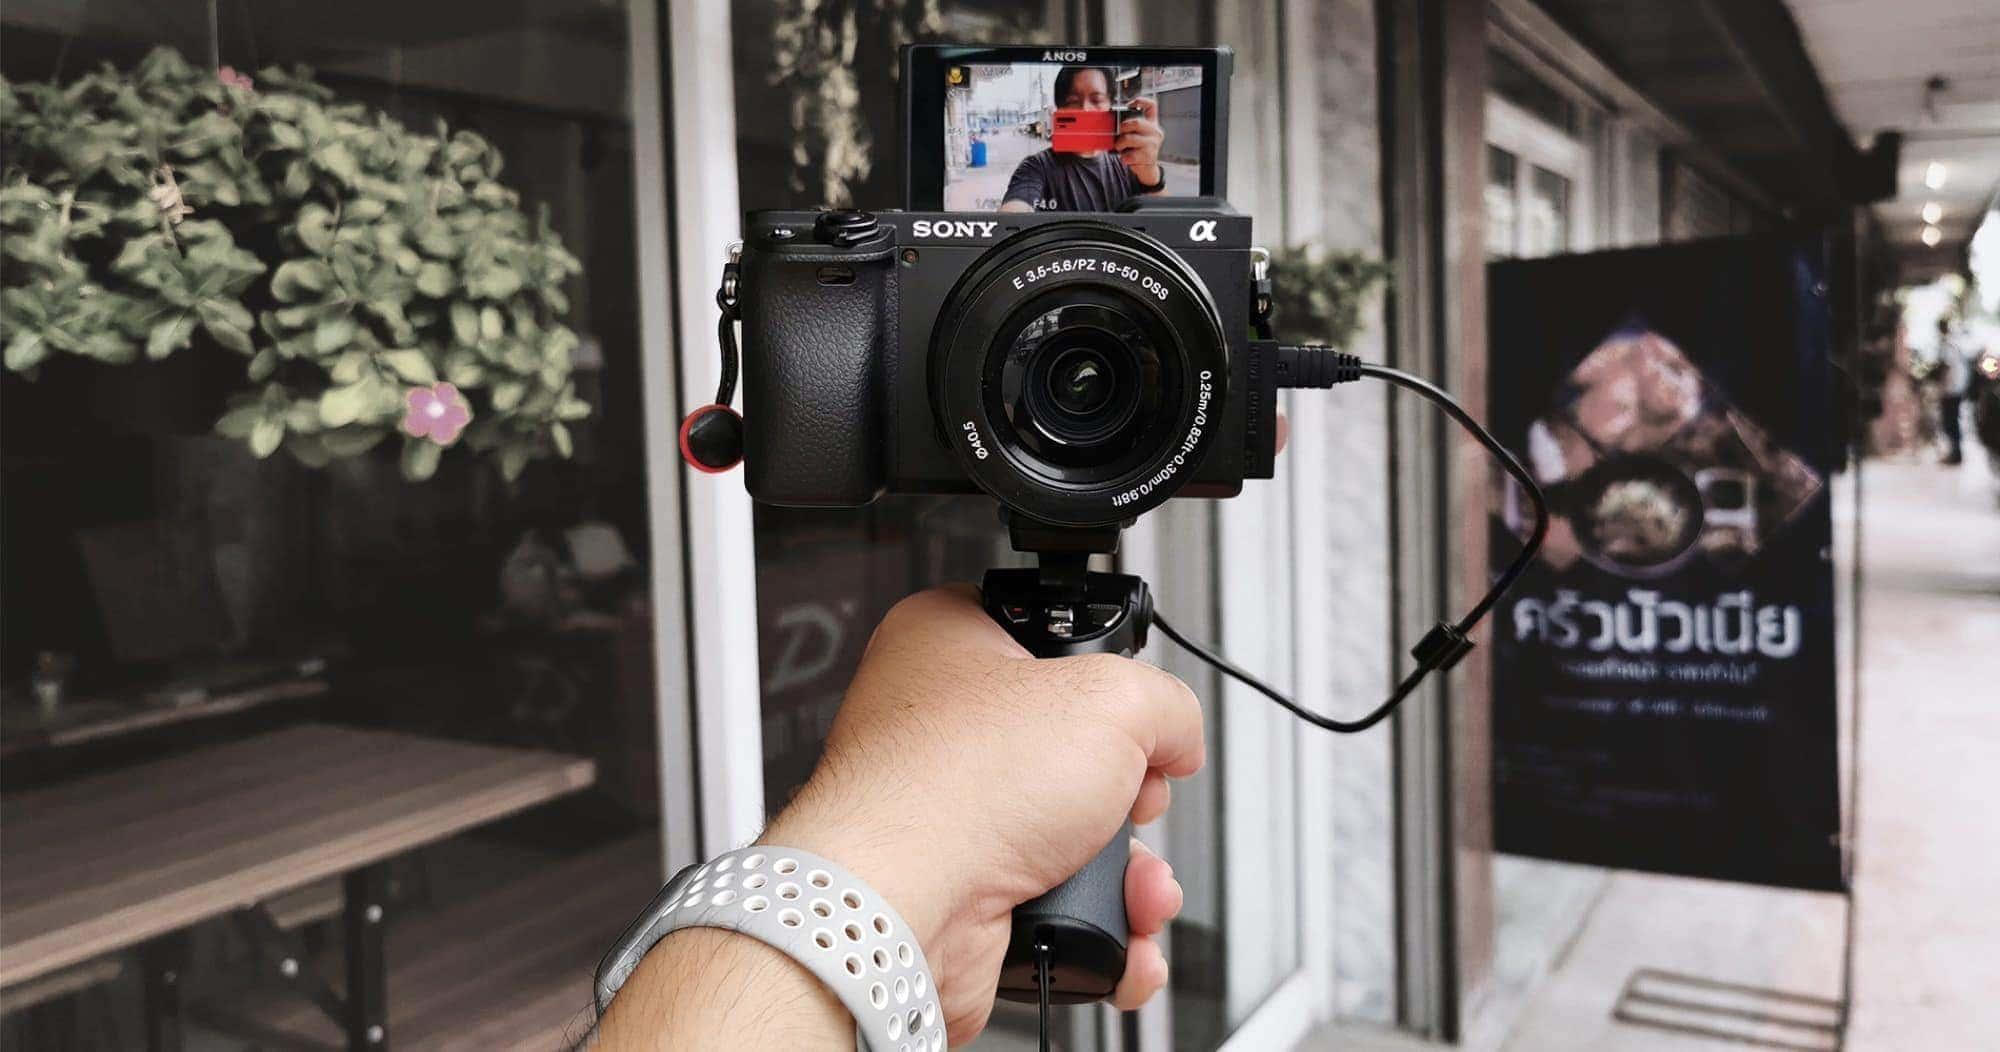 - Sony เปิดตัวกล้อง Sony α6400 ในประเทศไทย ราคาเริ่มต้น 32,990 บาท